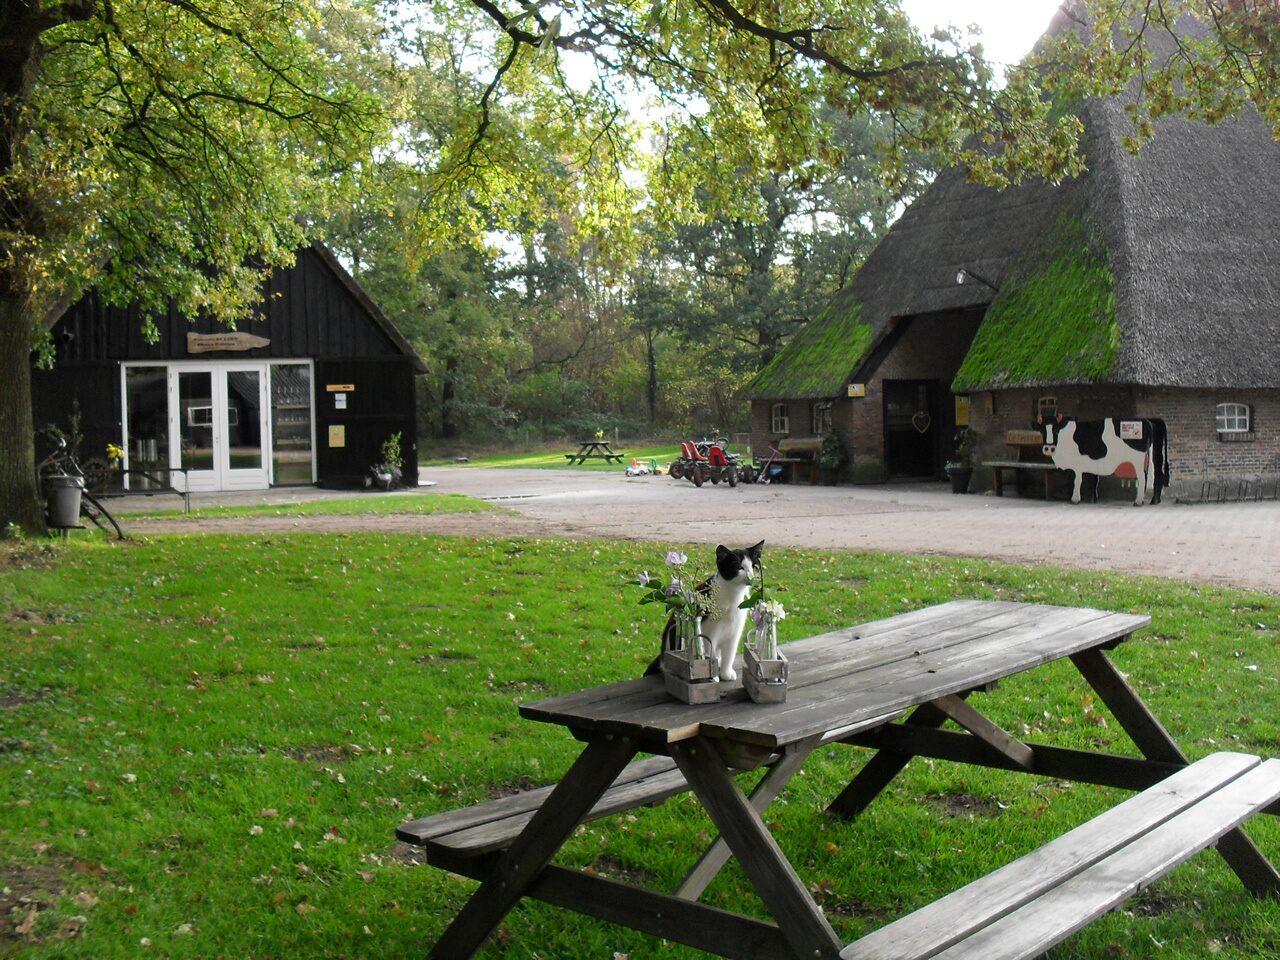 Meulenhorst Farm